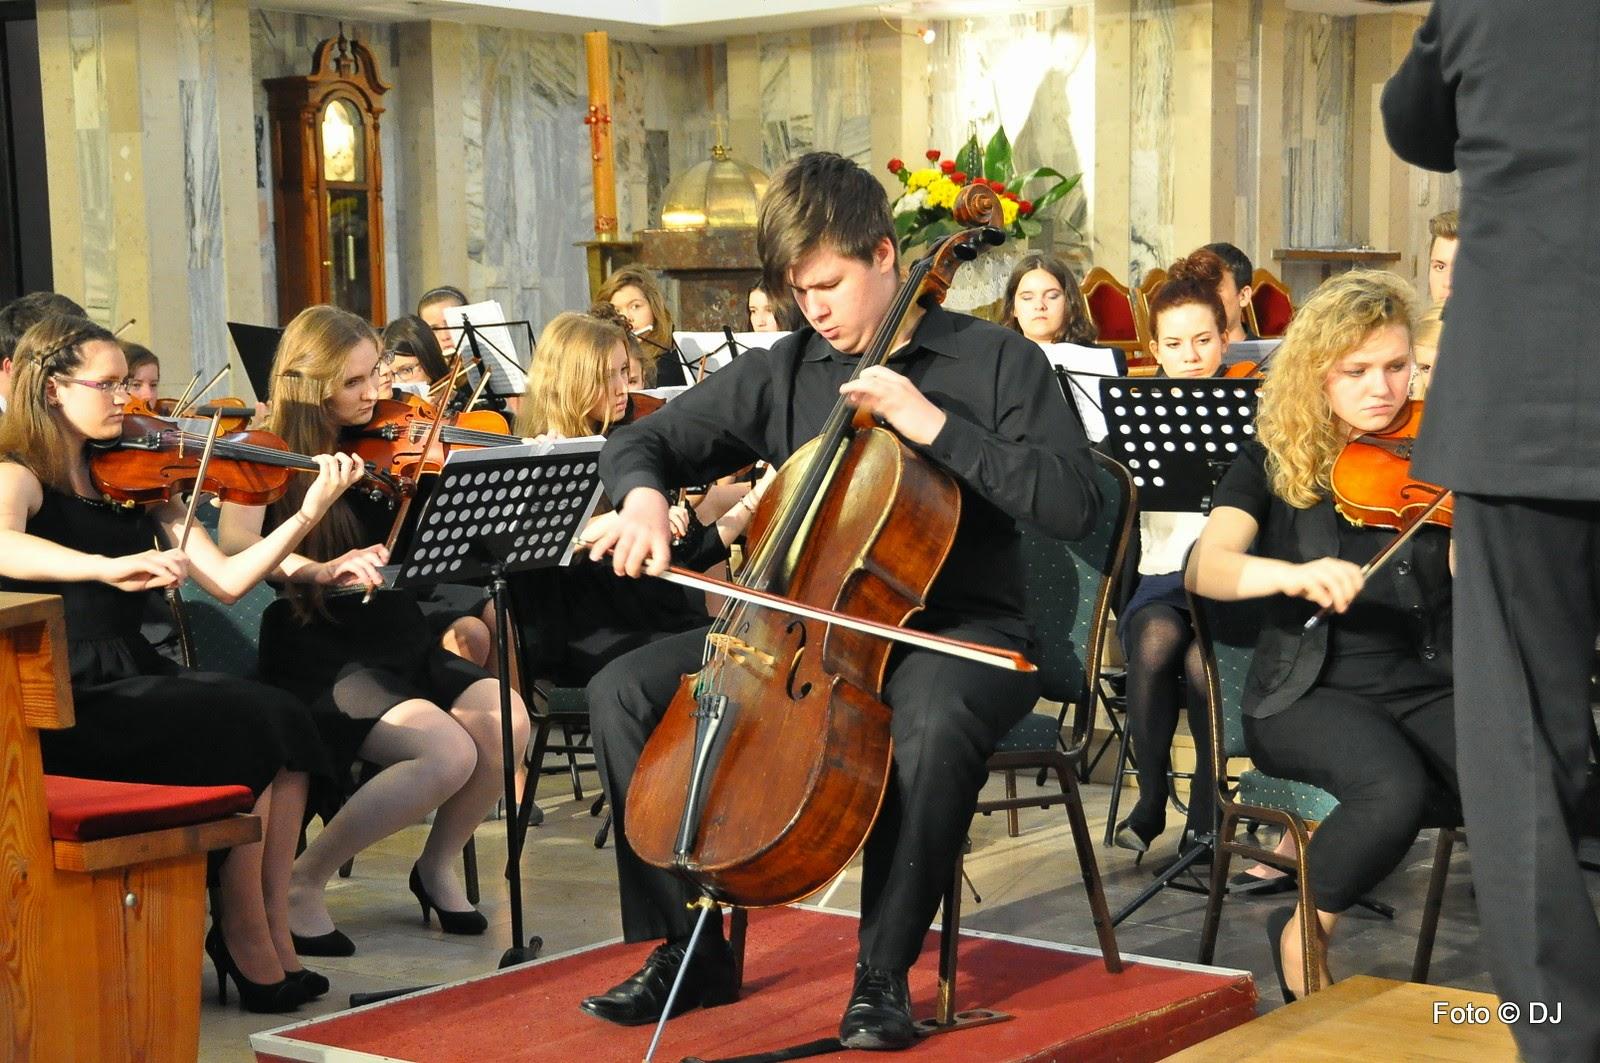 Koncert dedykowany św. Janowi Pawłowi II z racji 27 rocznicy Jego pobytu w Parafii Św. Rodziny